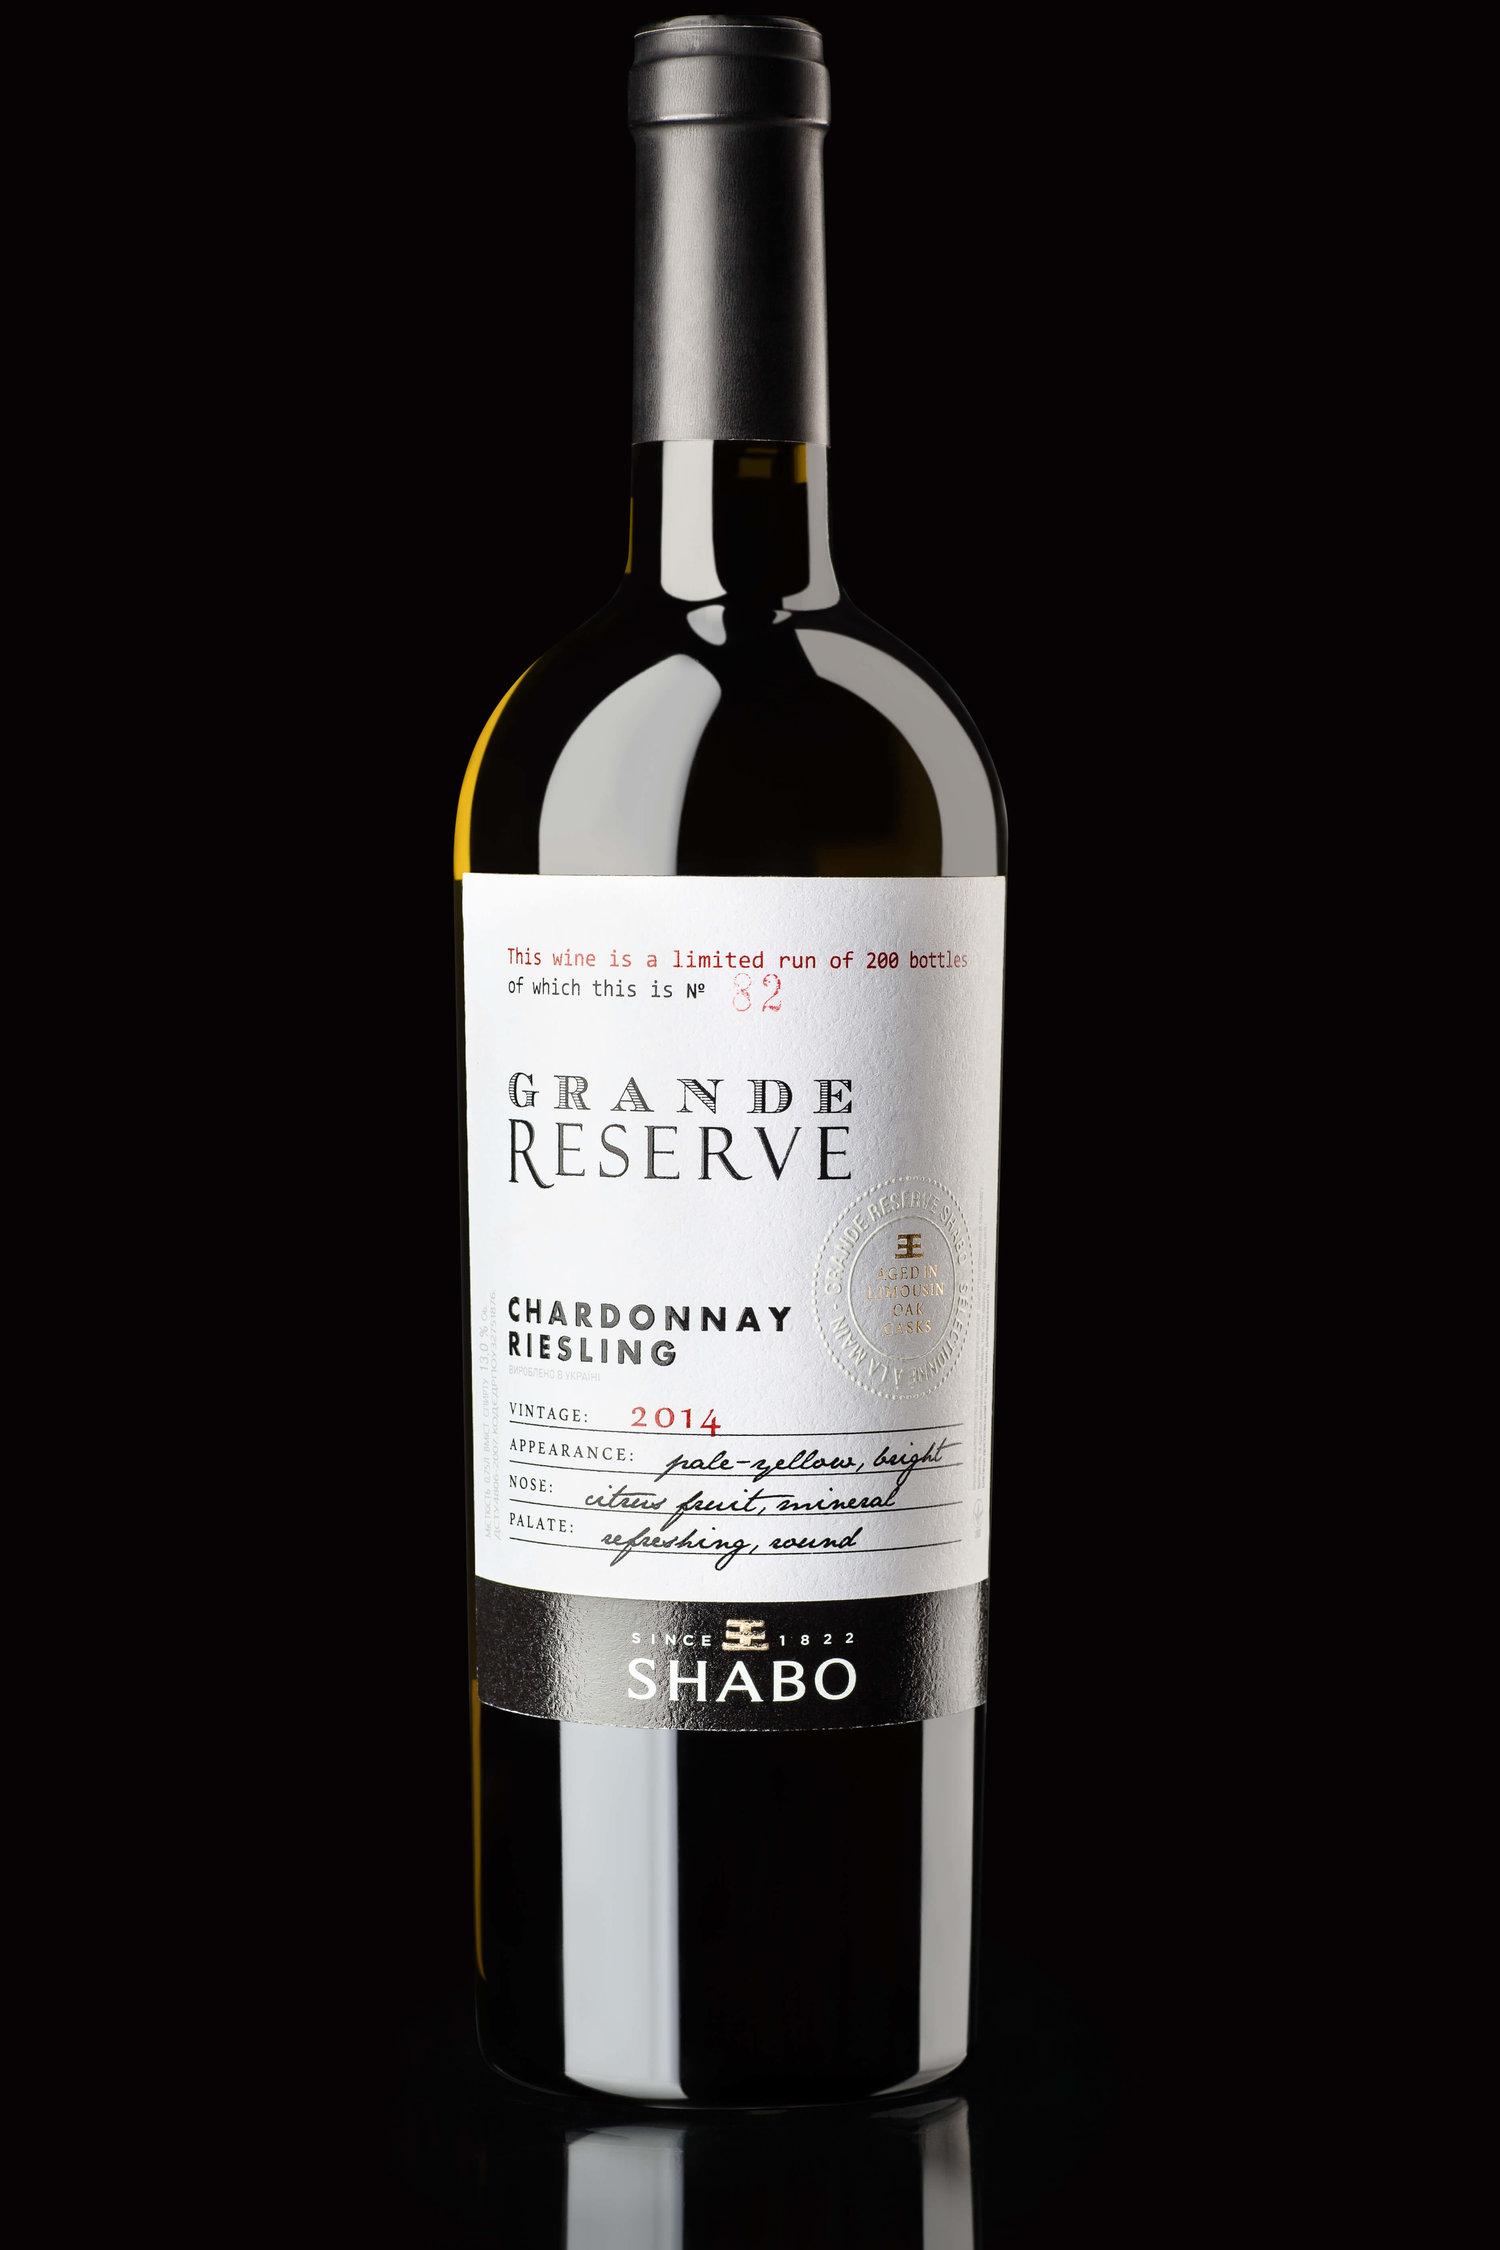 bouteille de grand vin shabo Ukraine